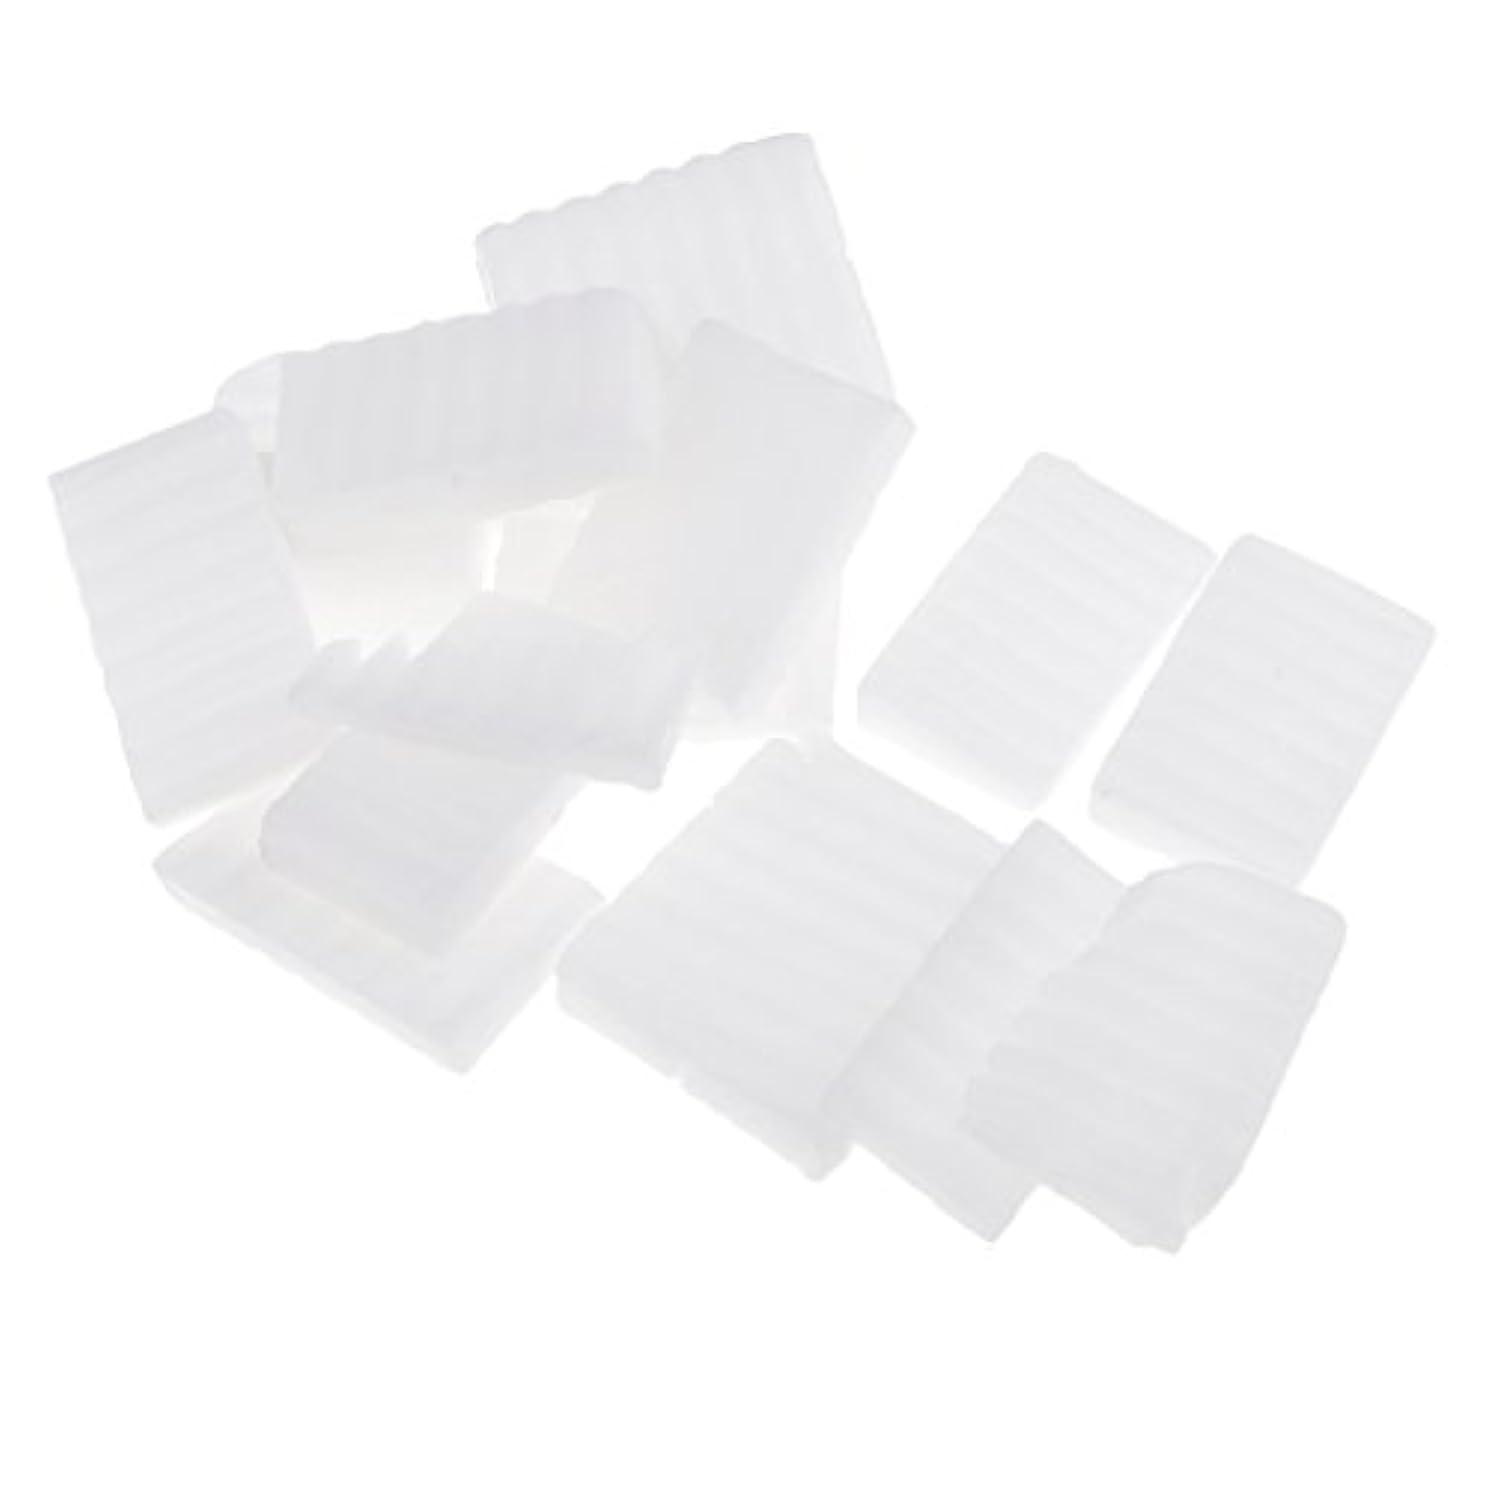 正午スラッシュ入力Perfeclan 約500g ホワイト 石鹸ベース DIY 手作り 石鹸 材料